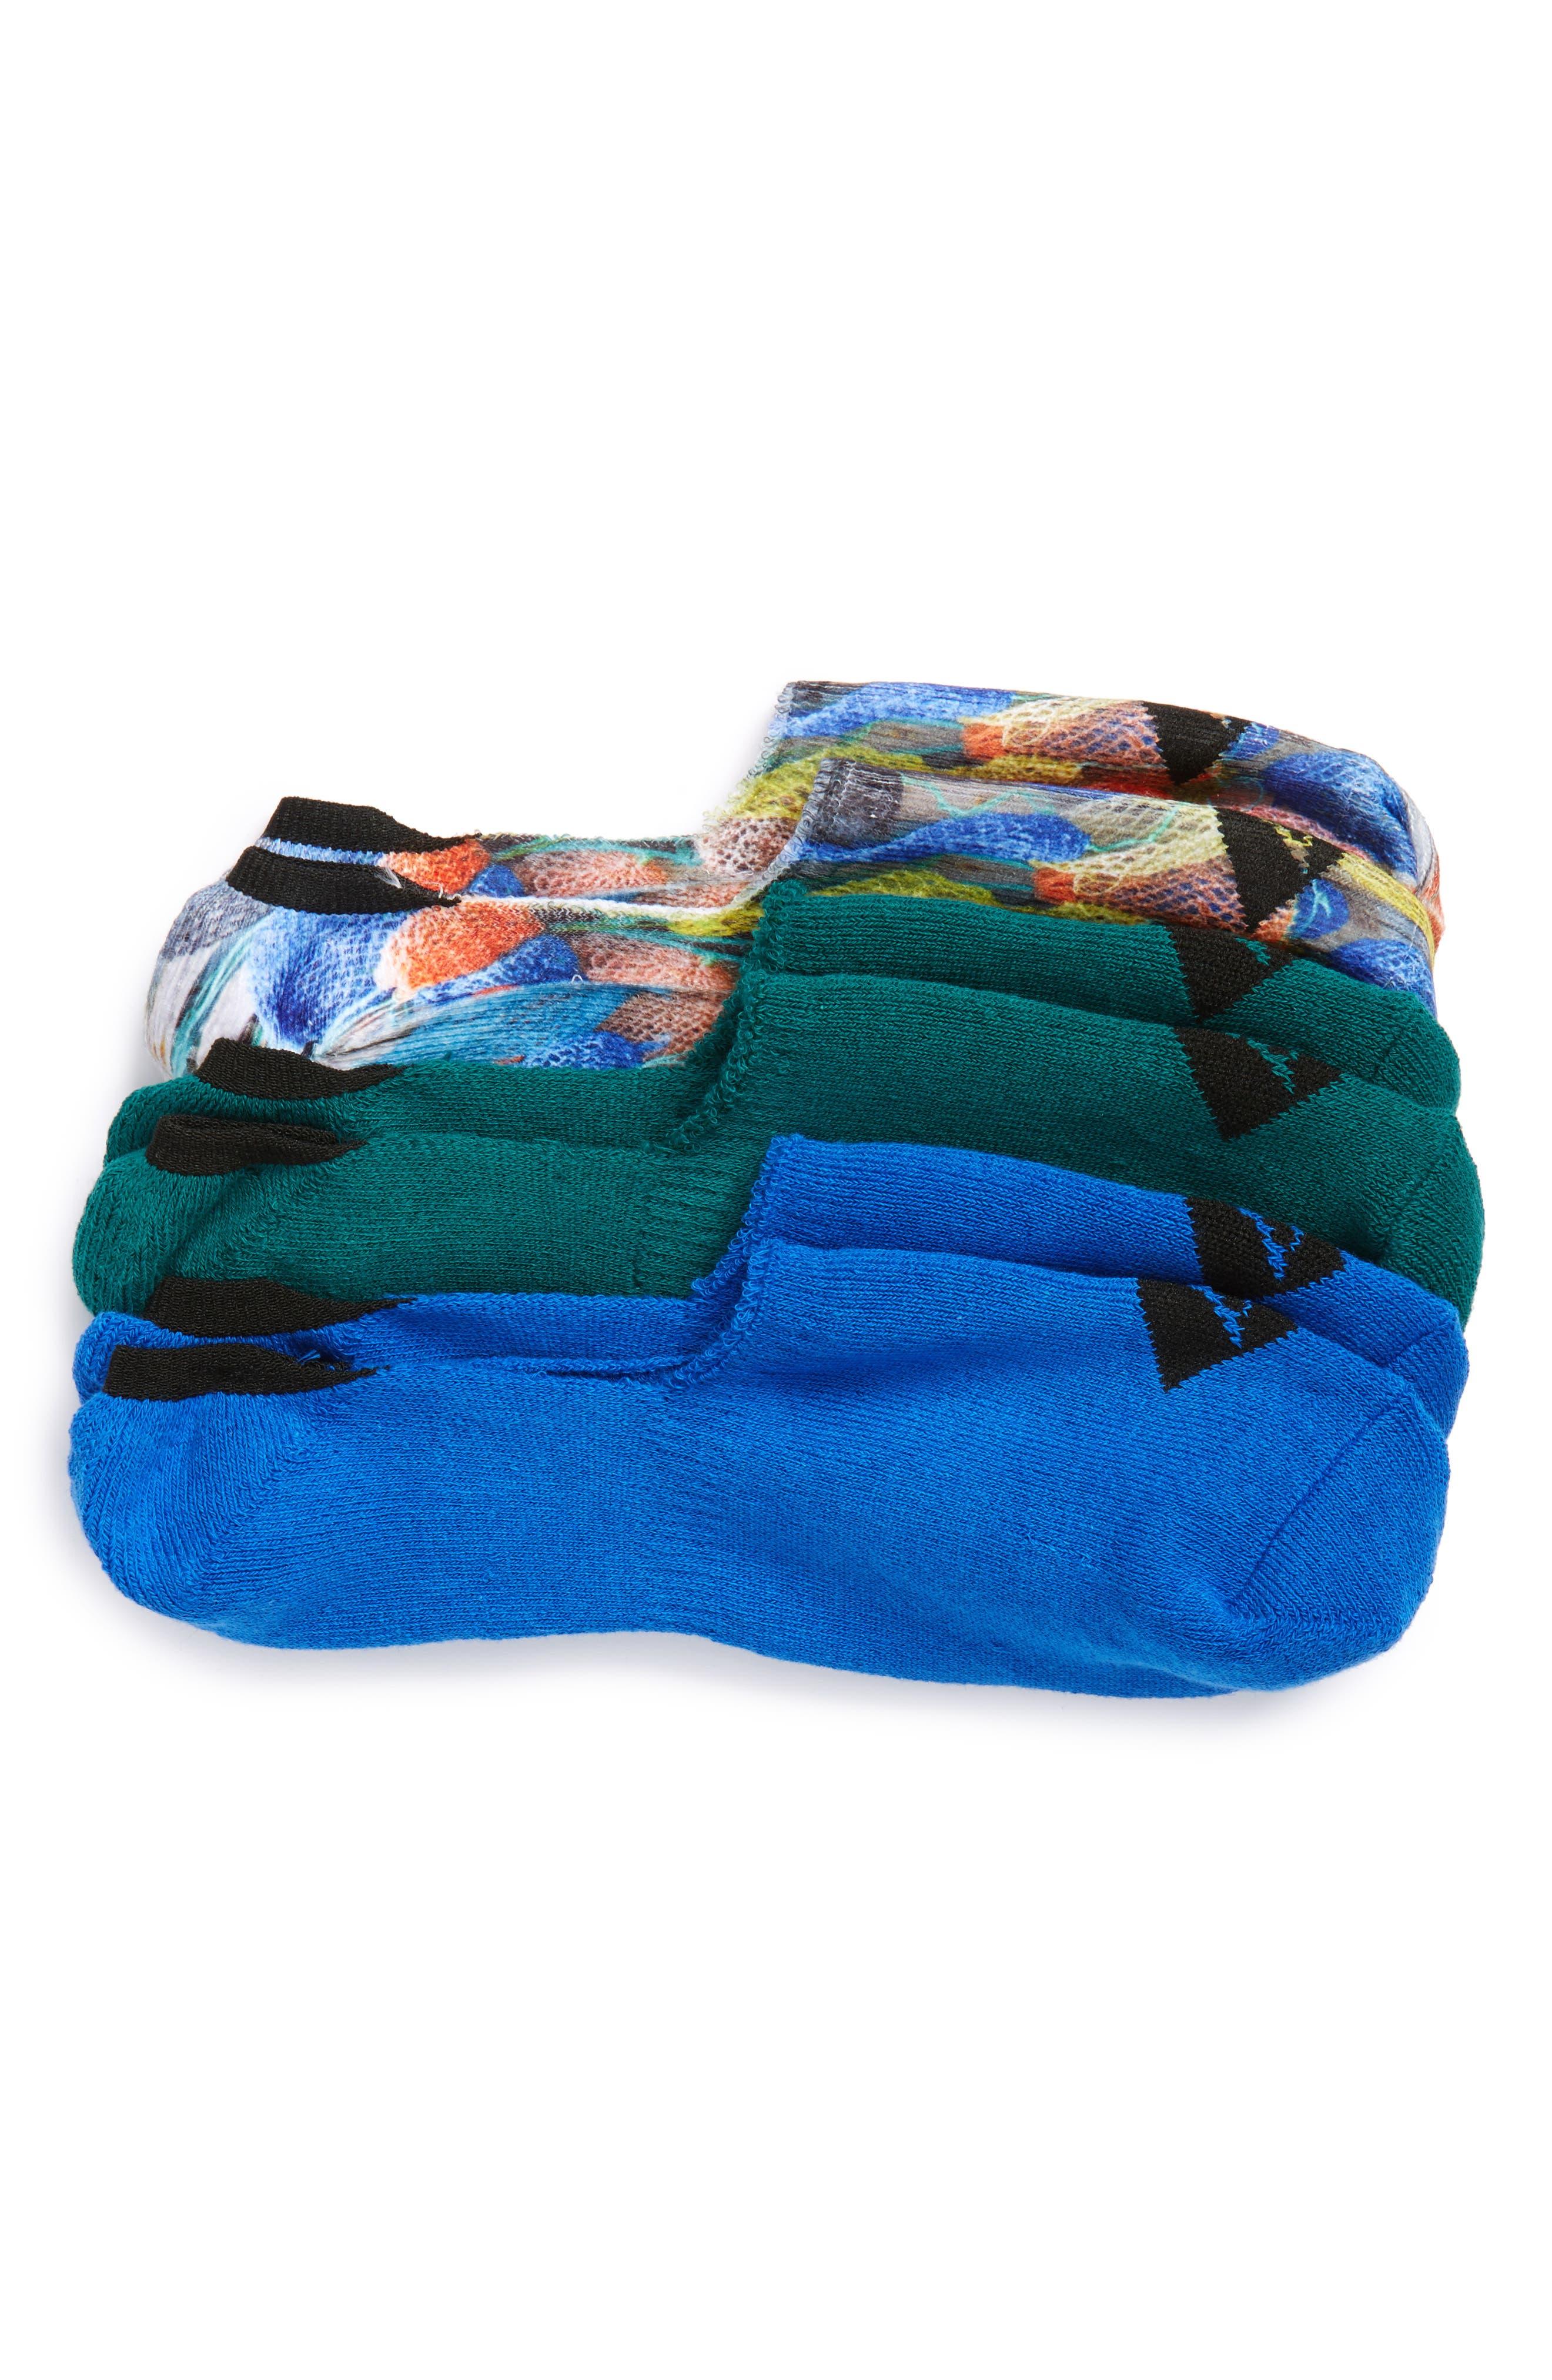 3-Pack Print Liner Socks,                         Main,                         color, Blue Multi/ Teal/ Blue